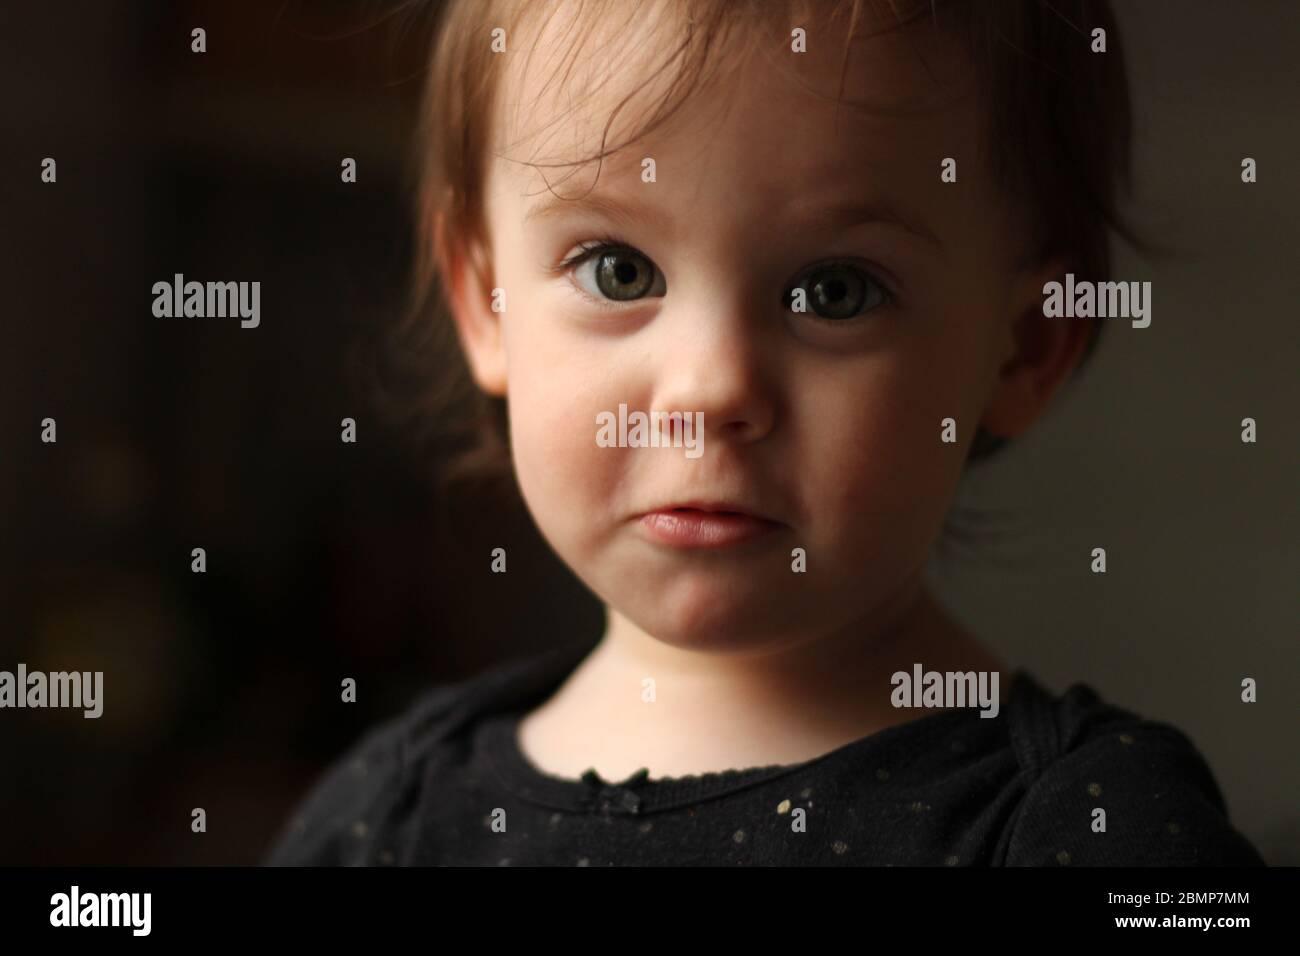 Portrait en gros plan d'un bébé blanc mignon avec un visage sale dans un environnement doux et flou Banque D'Images